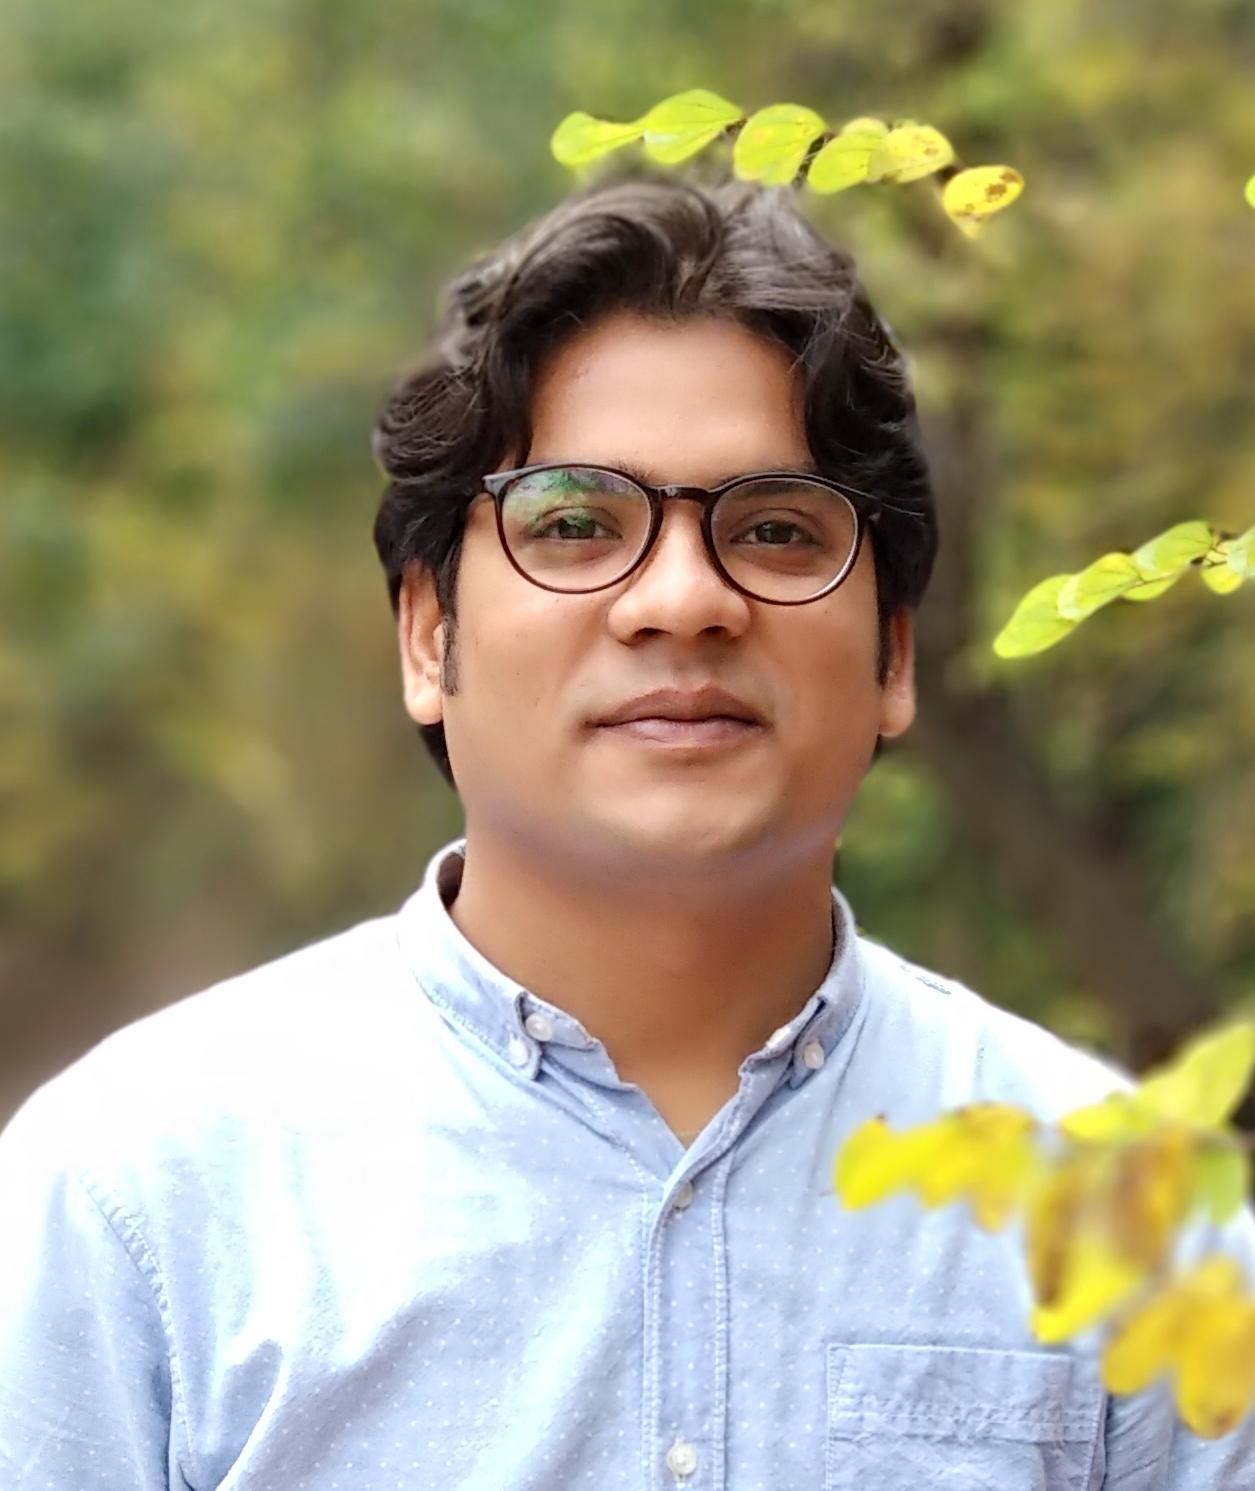 Mr. Rishi Gupta